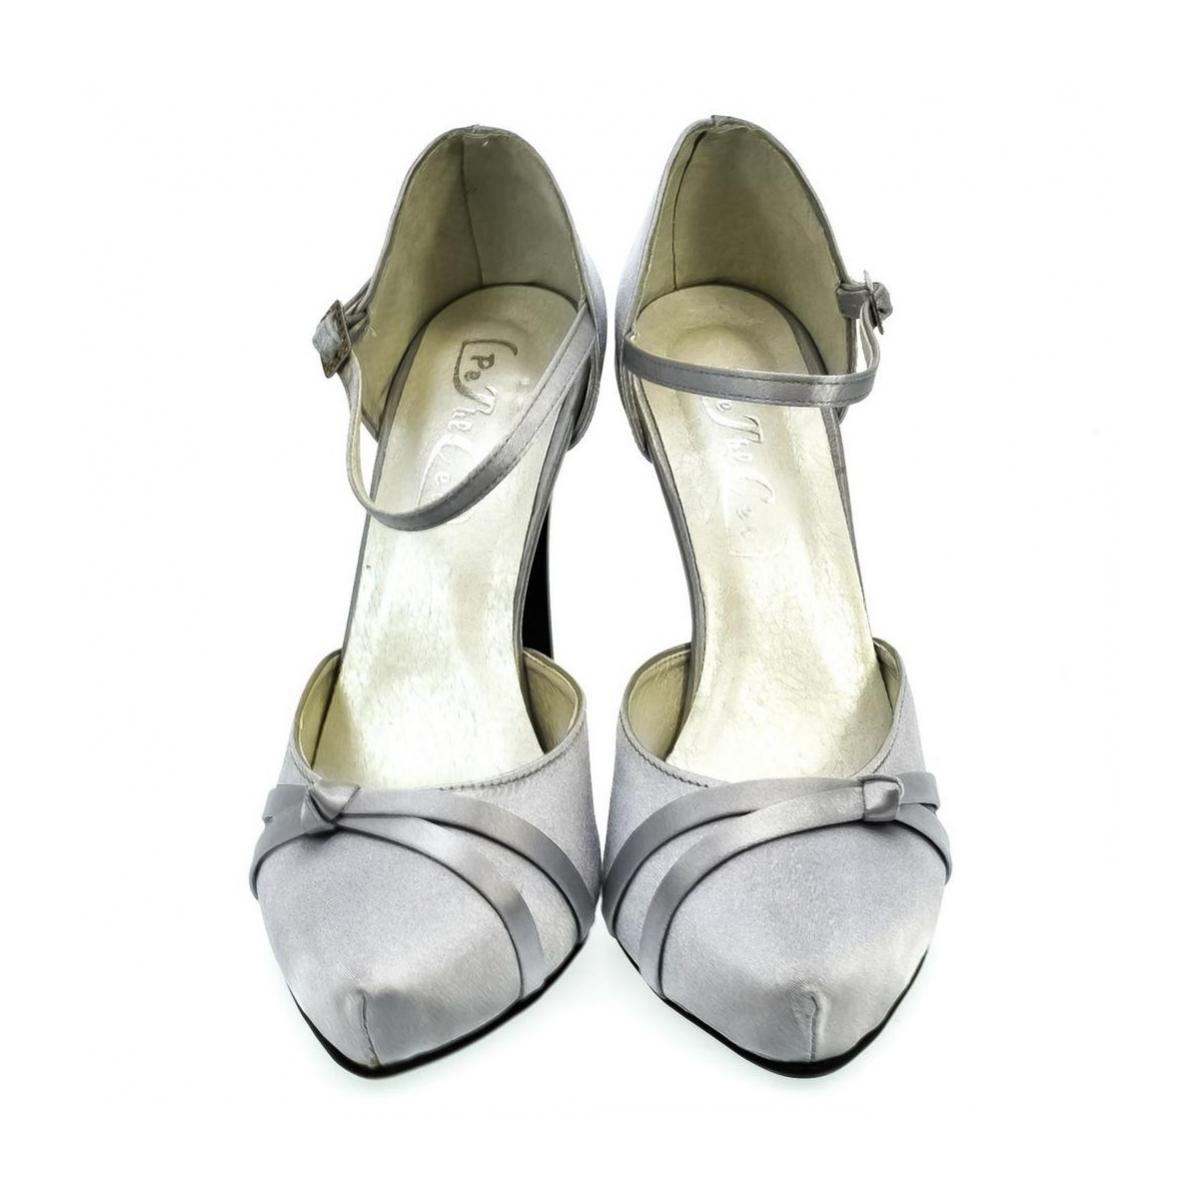 7573f55b0ab2 Dámske strieborné sandále PEBLINII P70 - 2